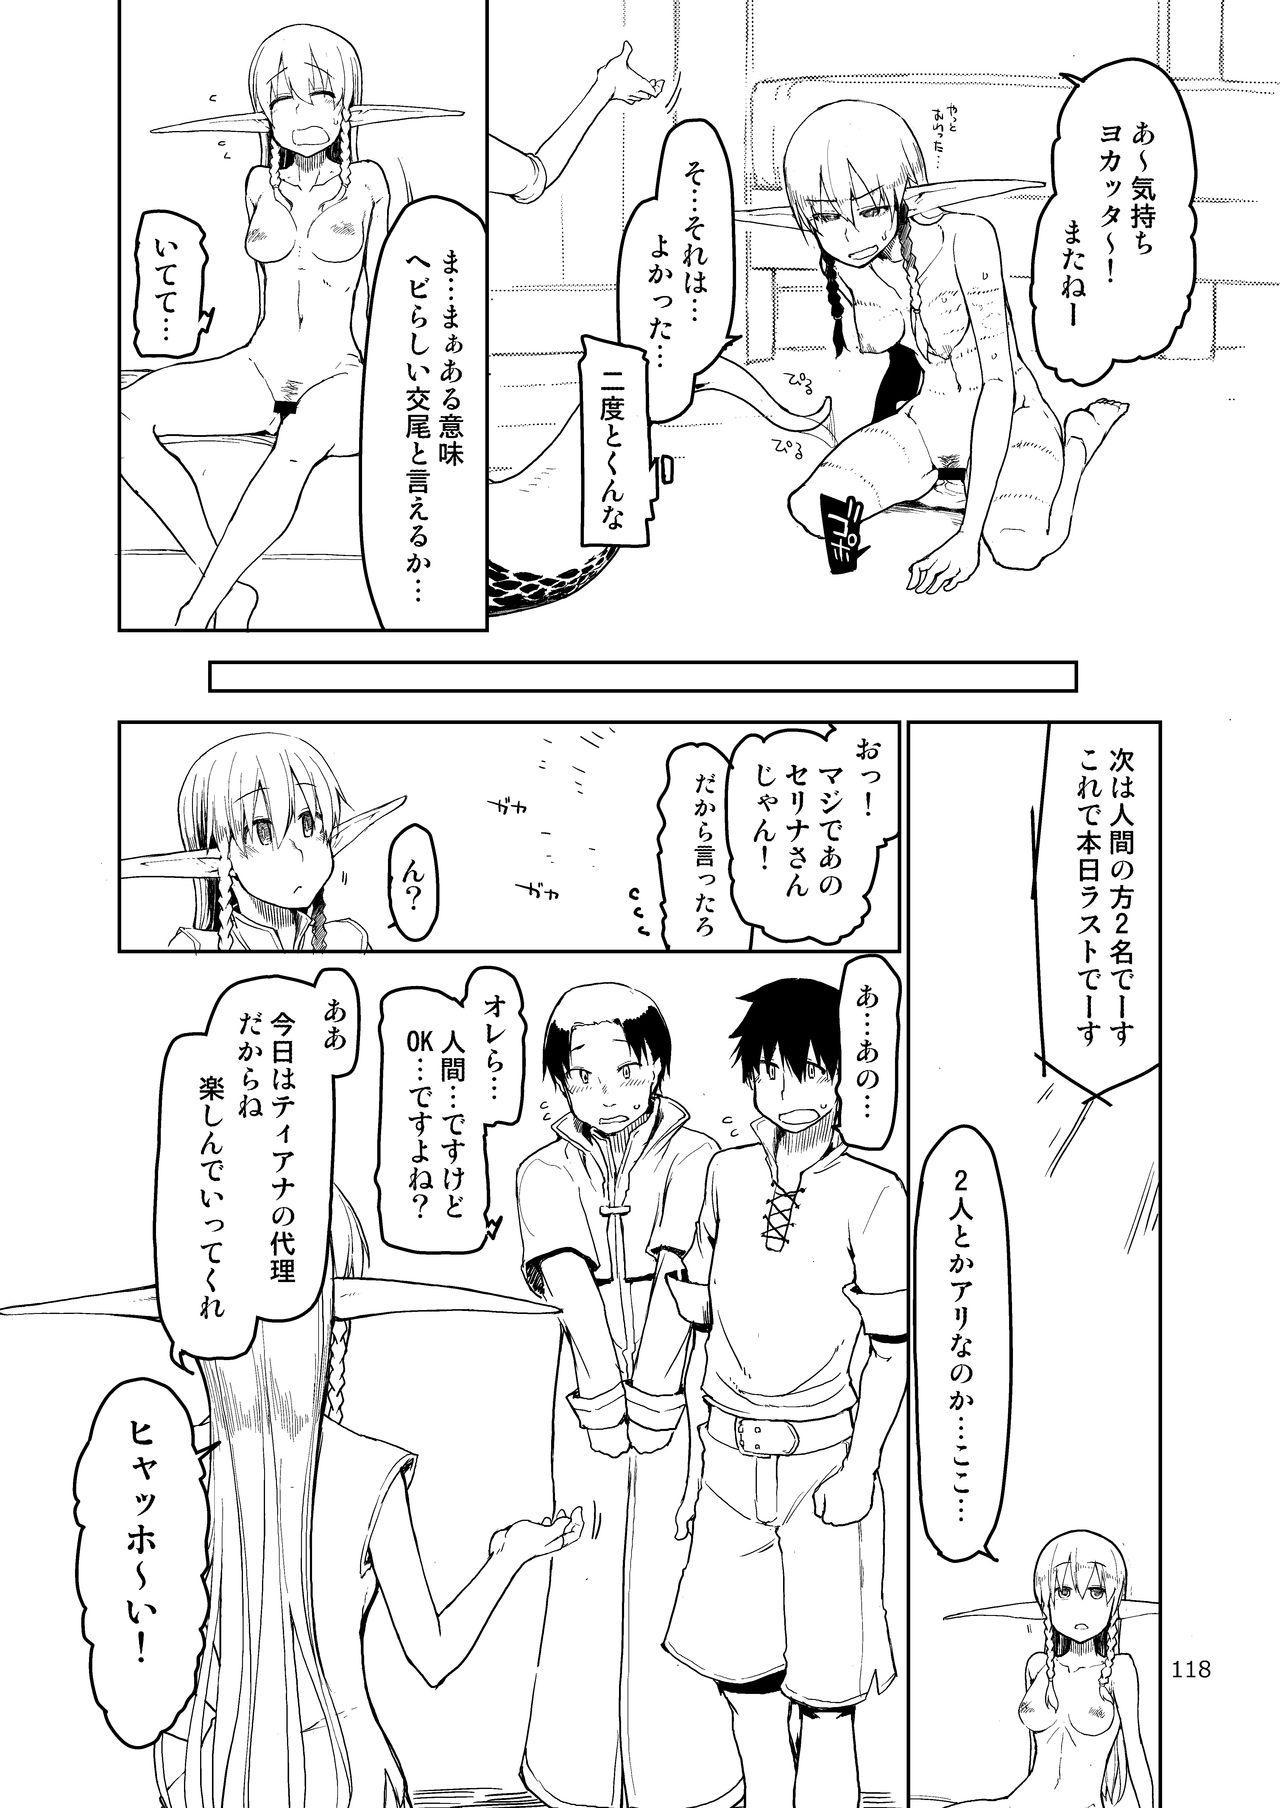 Dosukebe Elf no Ishukan Nikki Matome 2 118